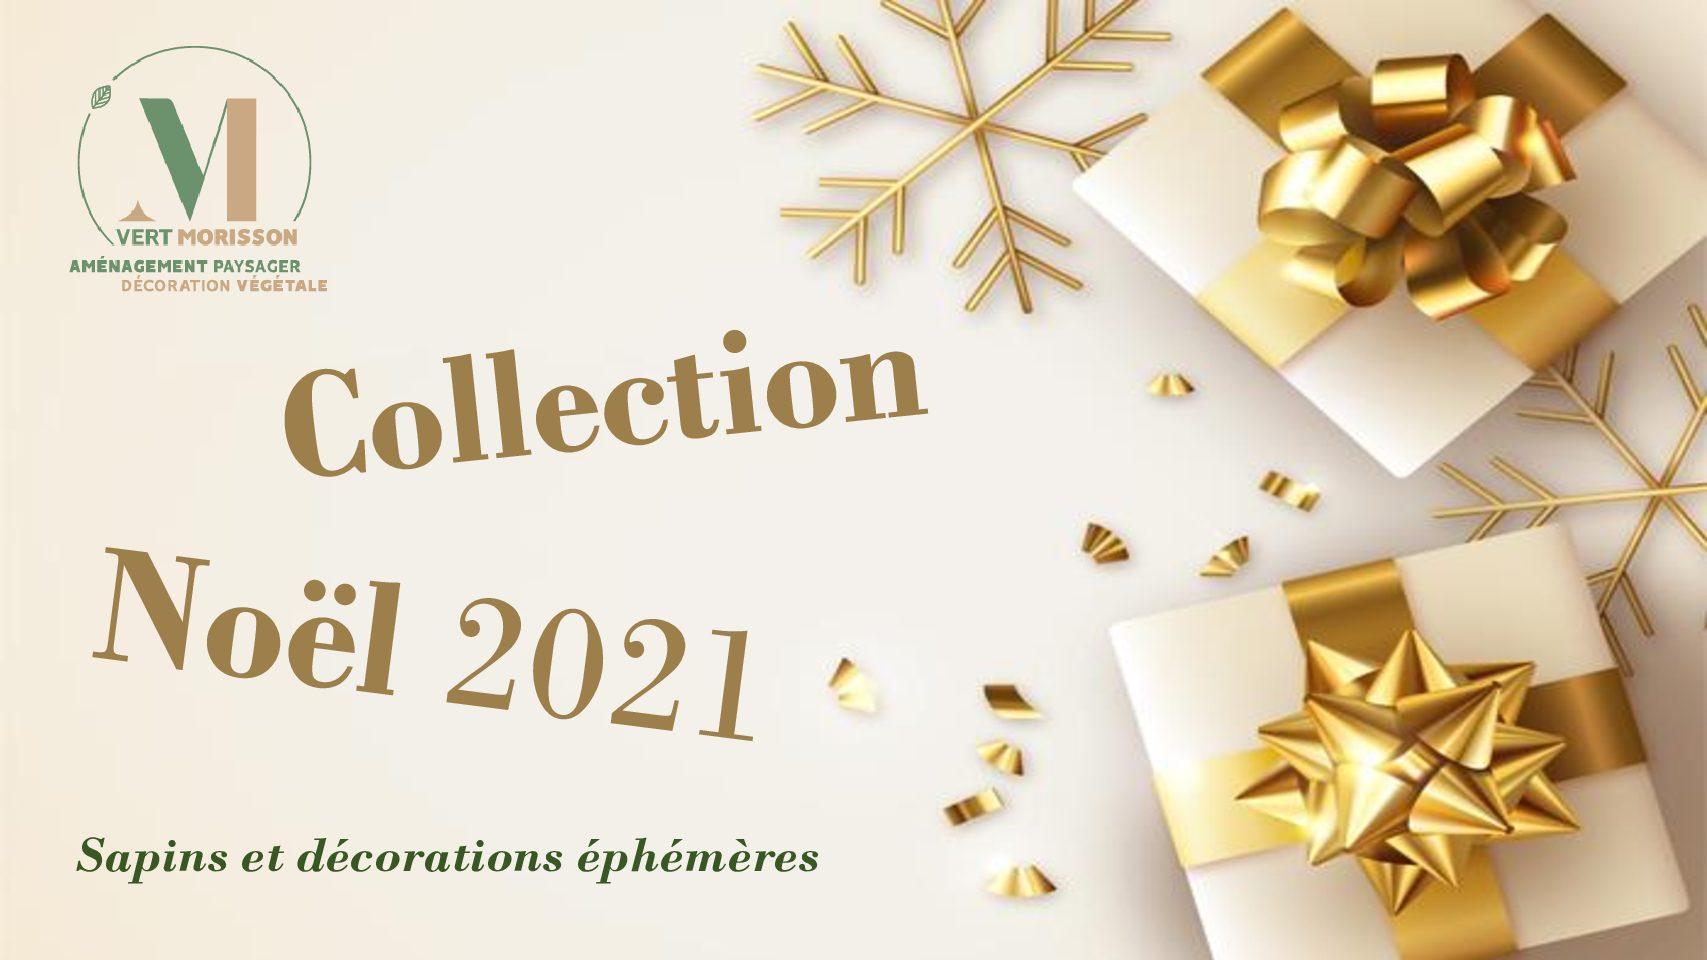 https://www.vert-morisson.fr/wp-content/uploads/2021/10/Vert-Morisson_Decorations-de-Noel-2021-V3-pdf.jpg